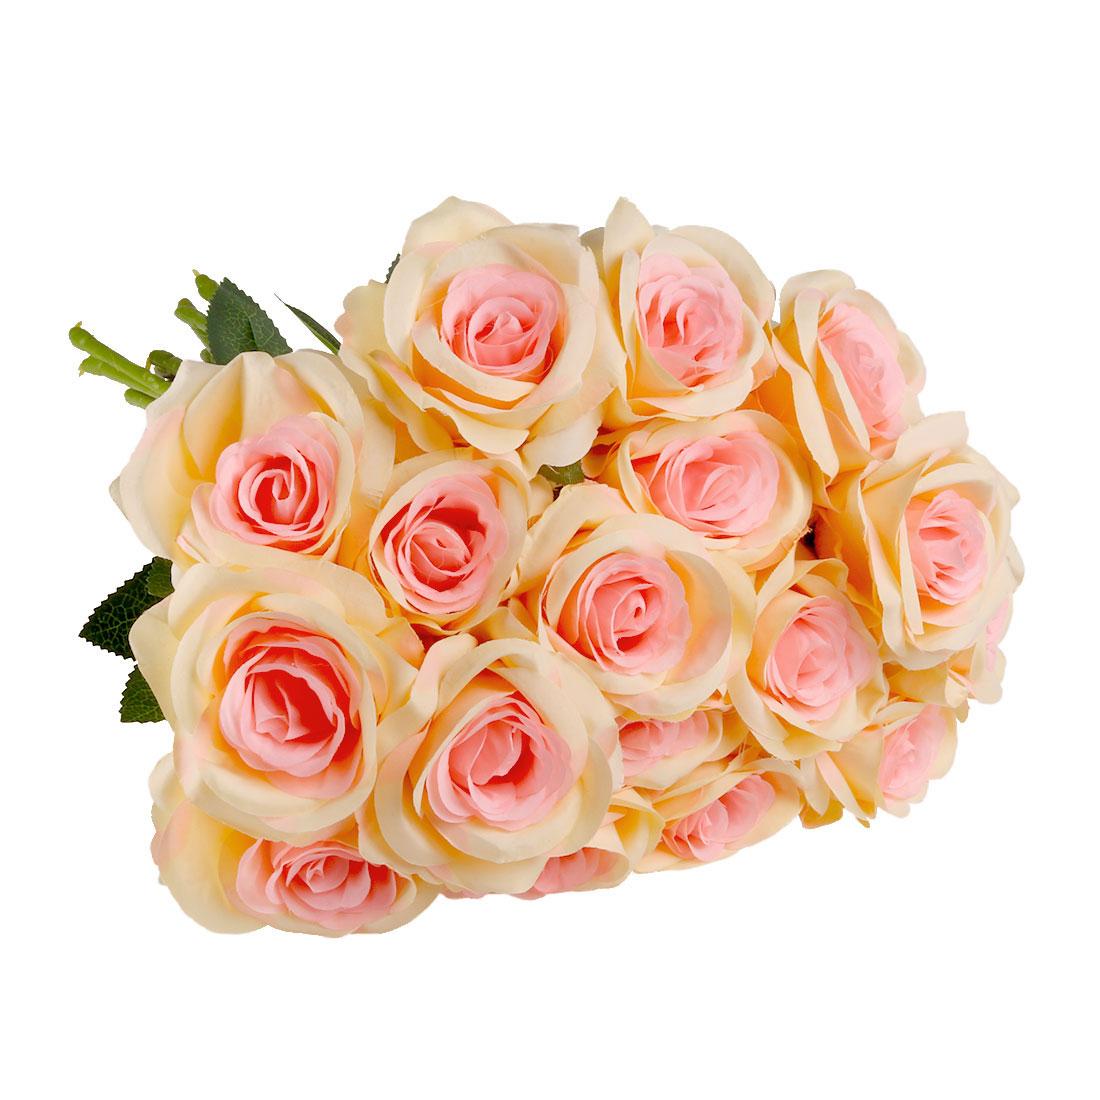 Artificial Silk Rose Flowers Bouquet Wedding Home Decor Champagne Color 18pcs